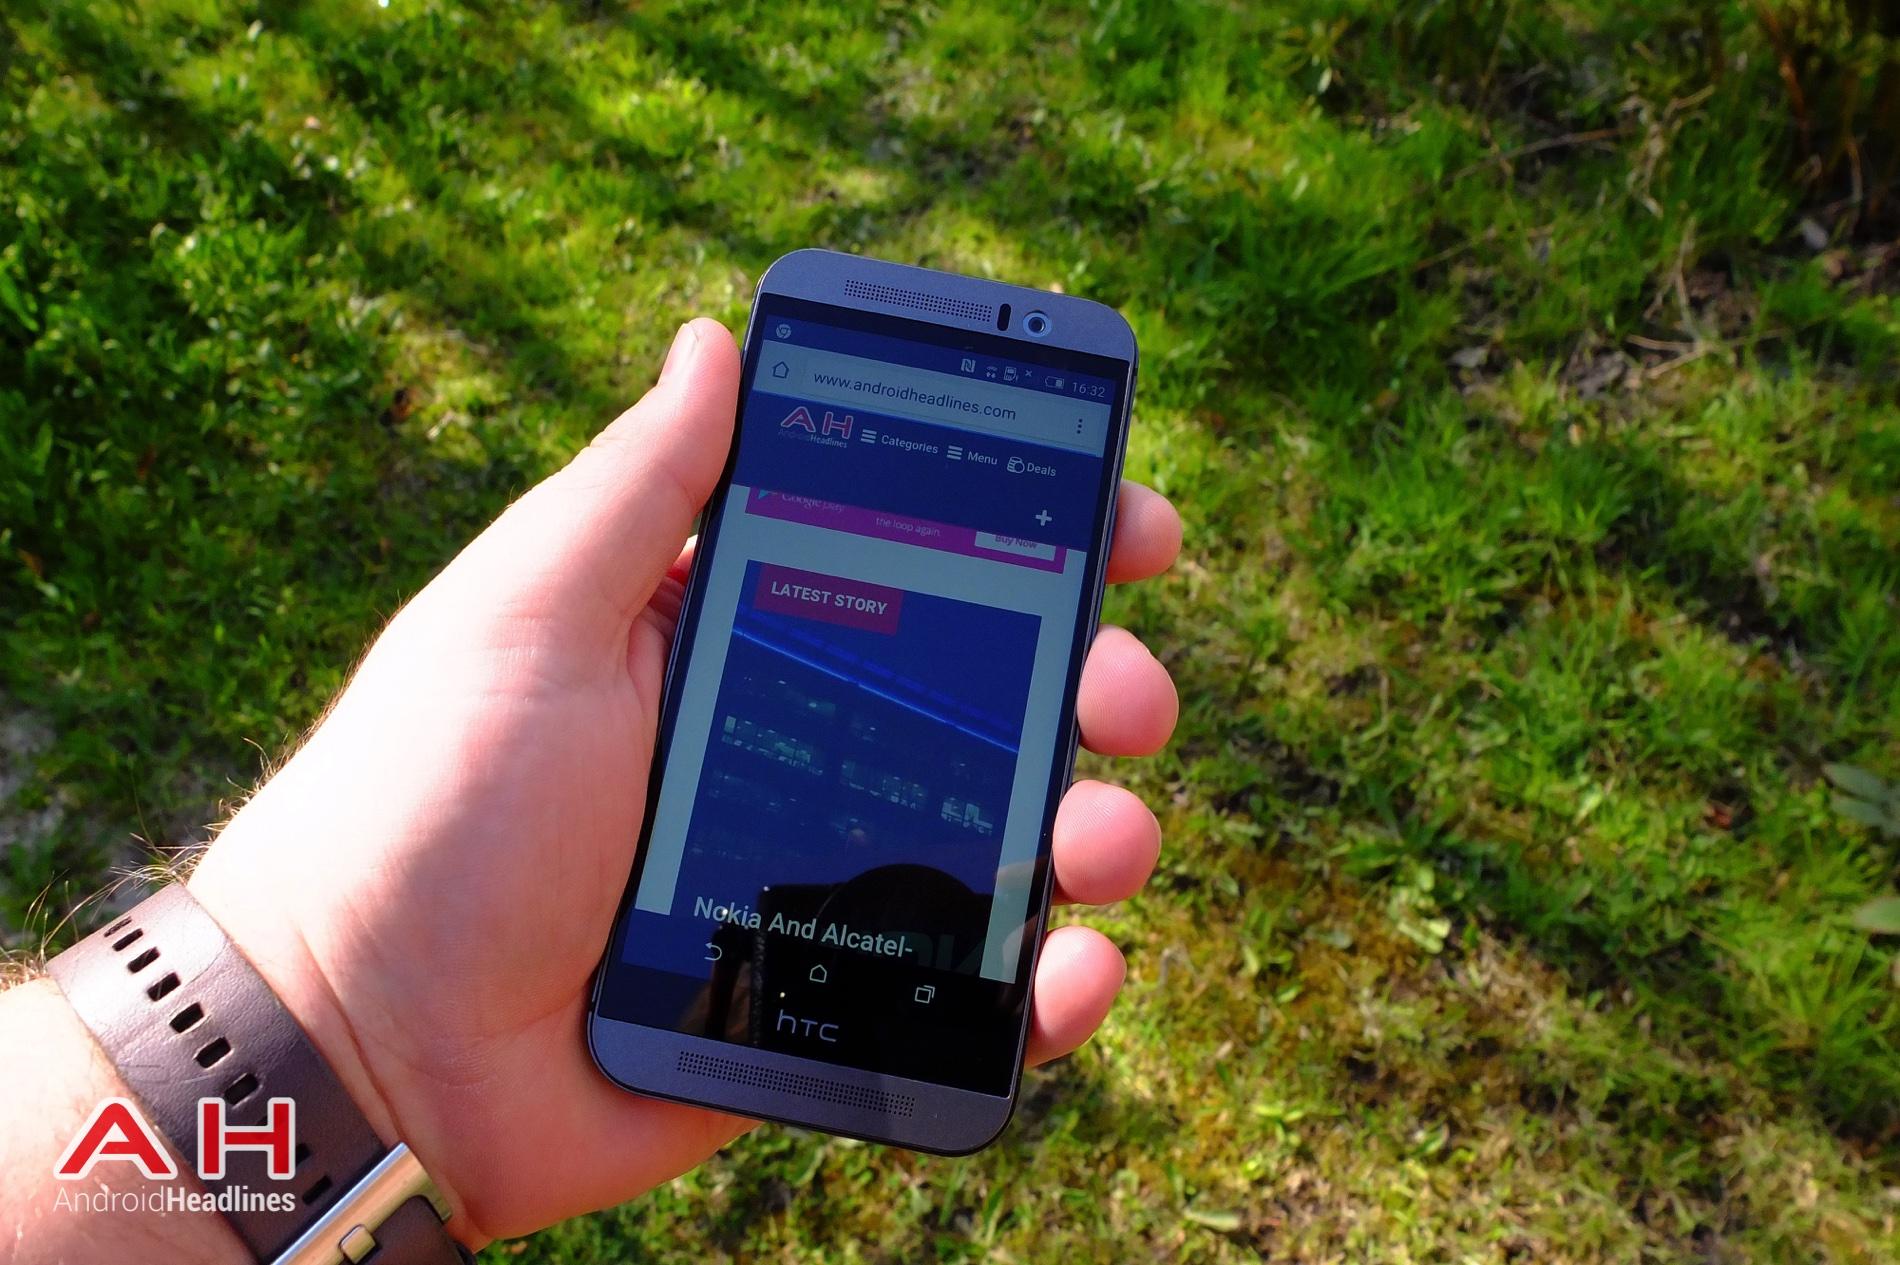 HTC-One-M9-TD-AH-06